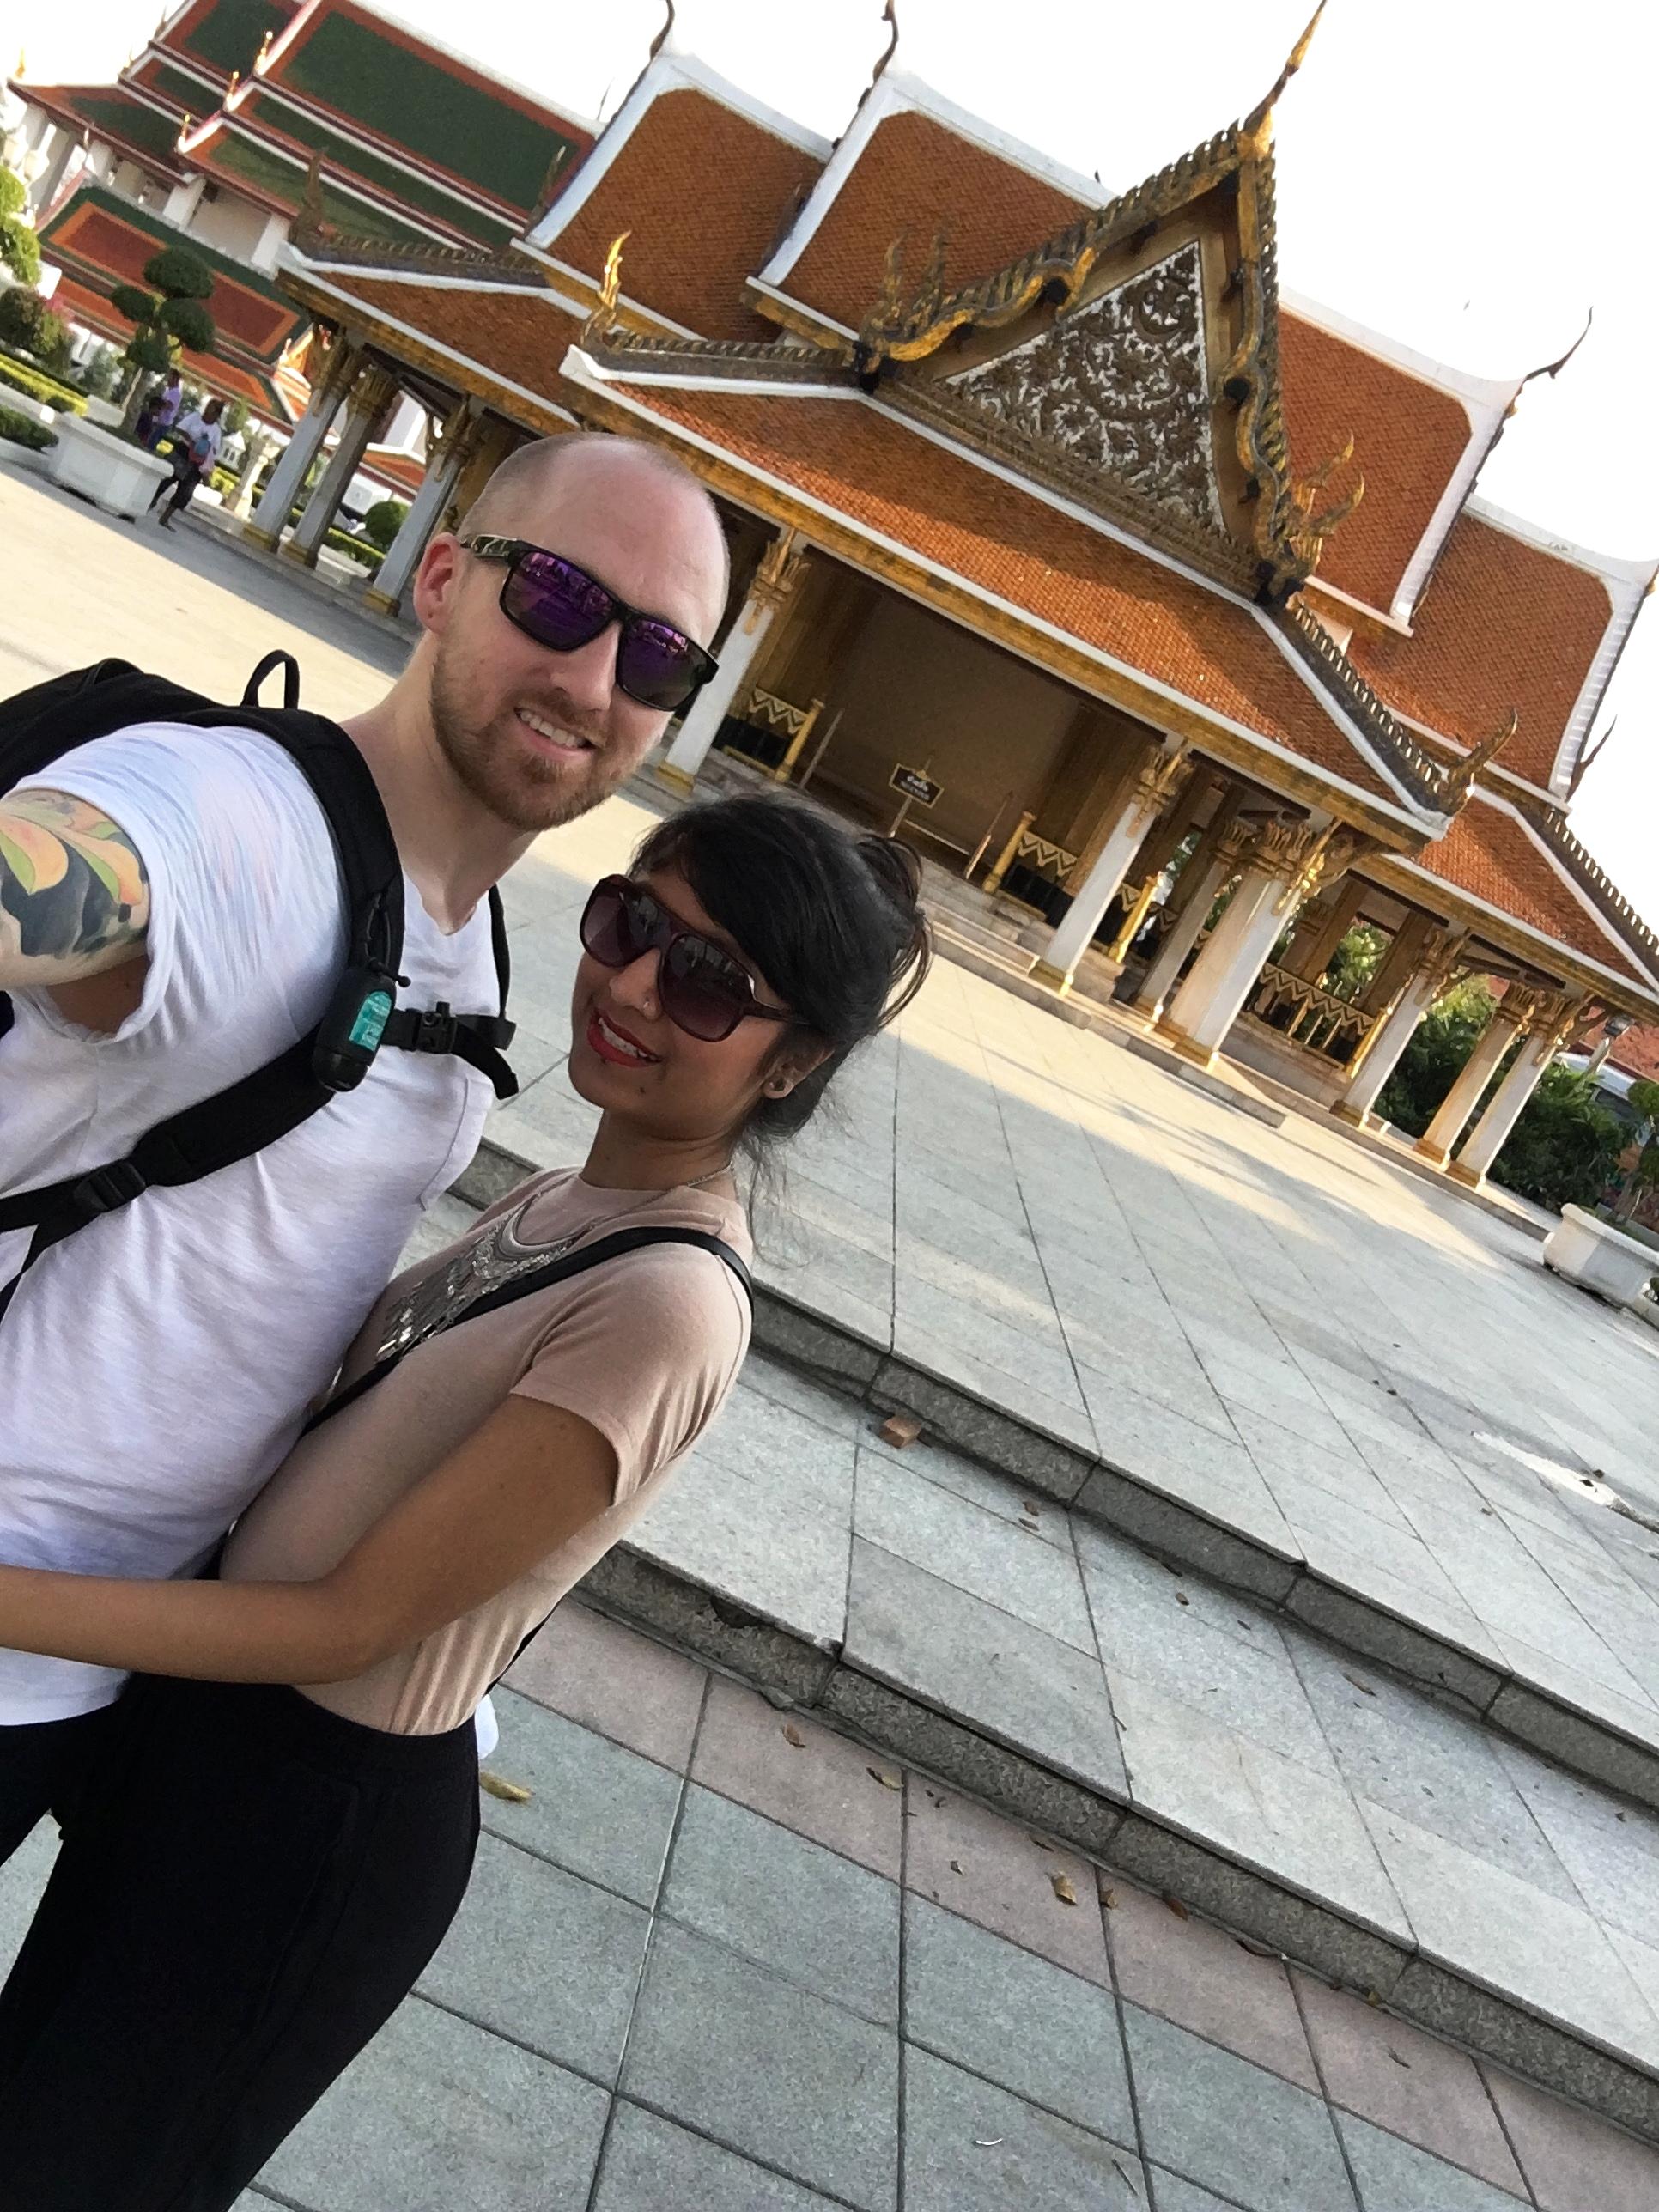 Look, ma! We're tourists!